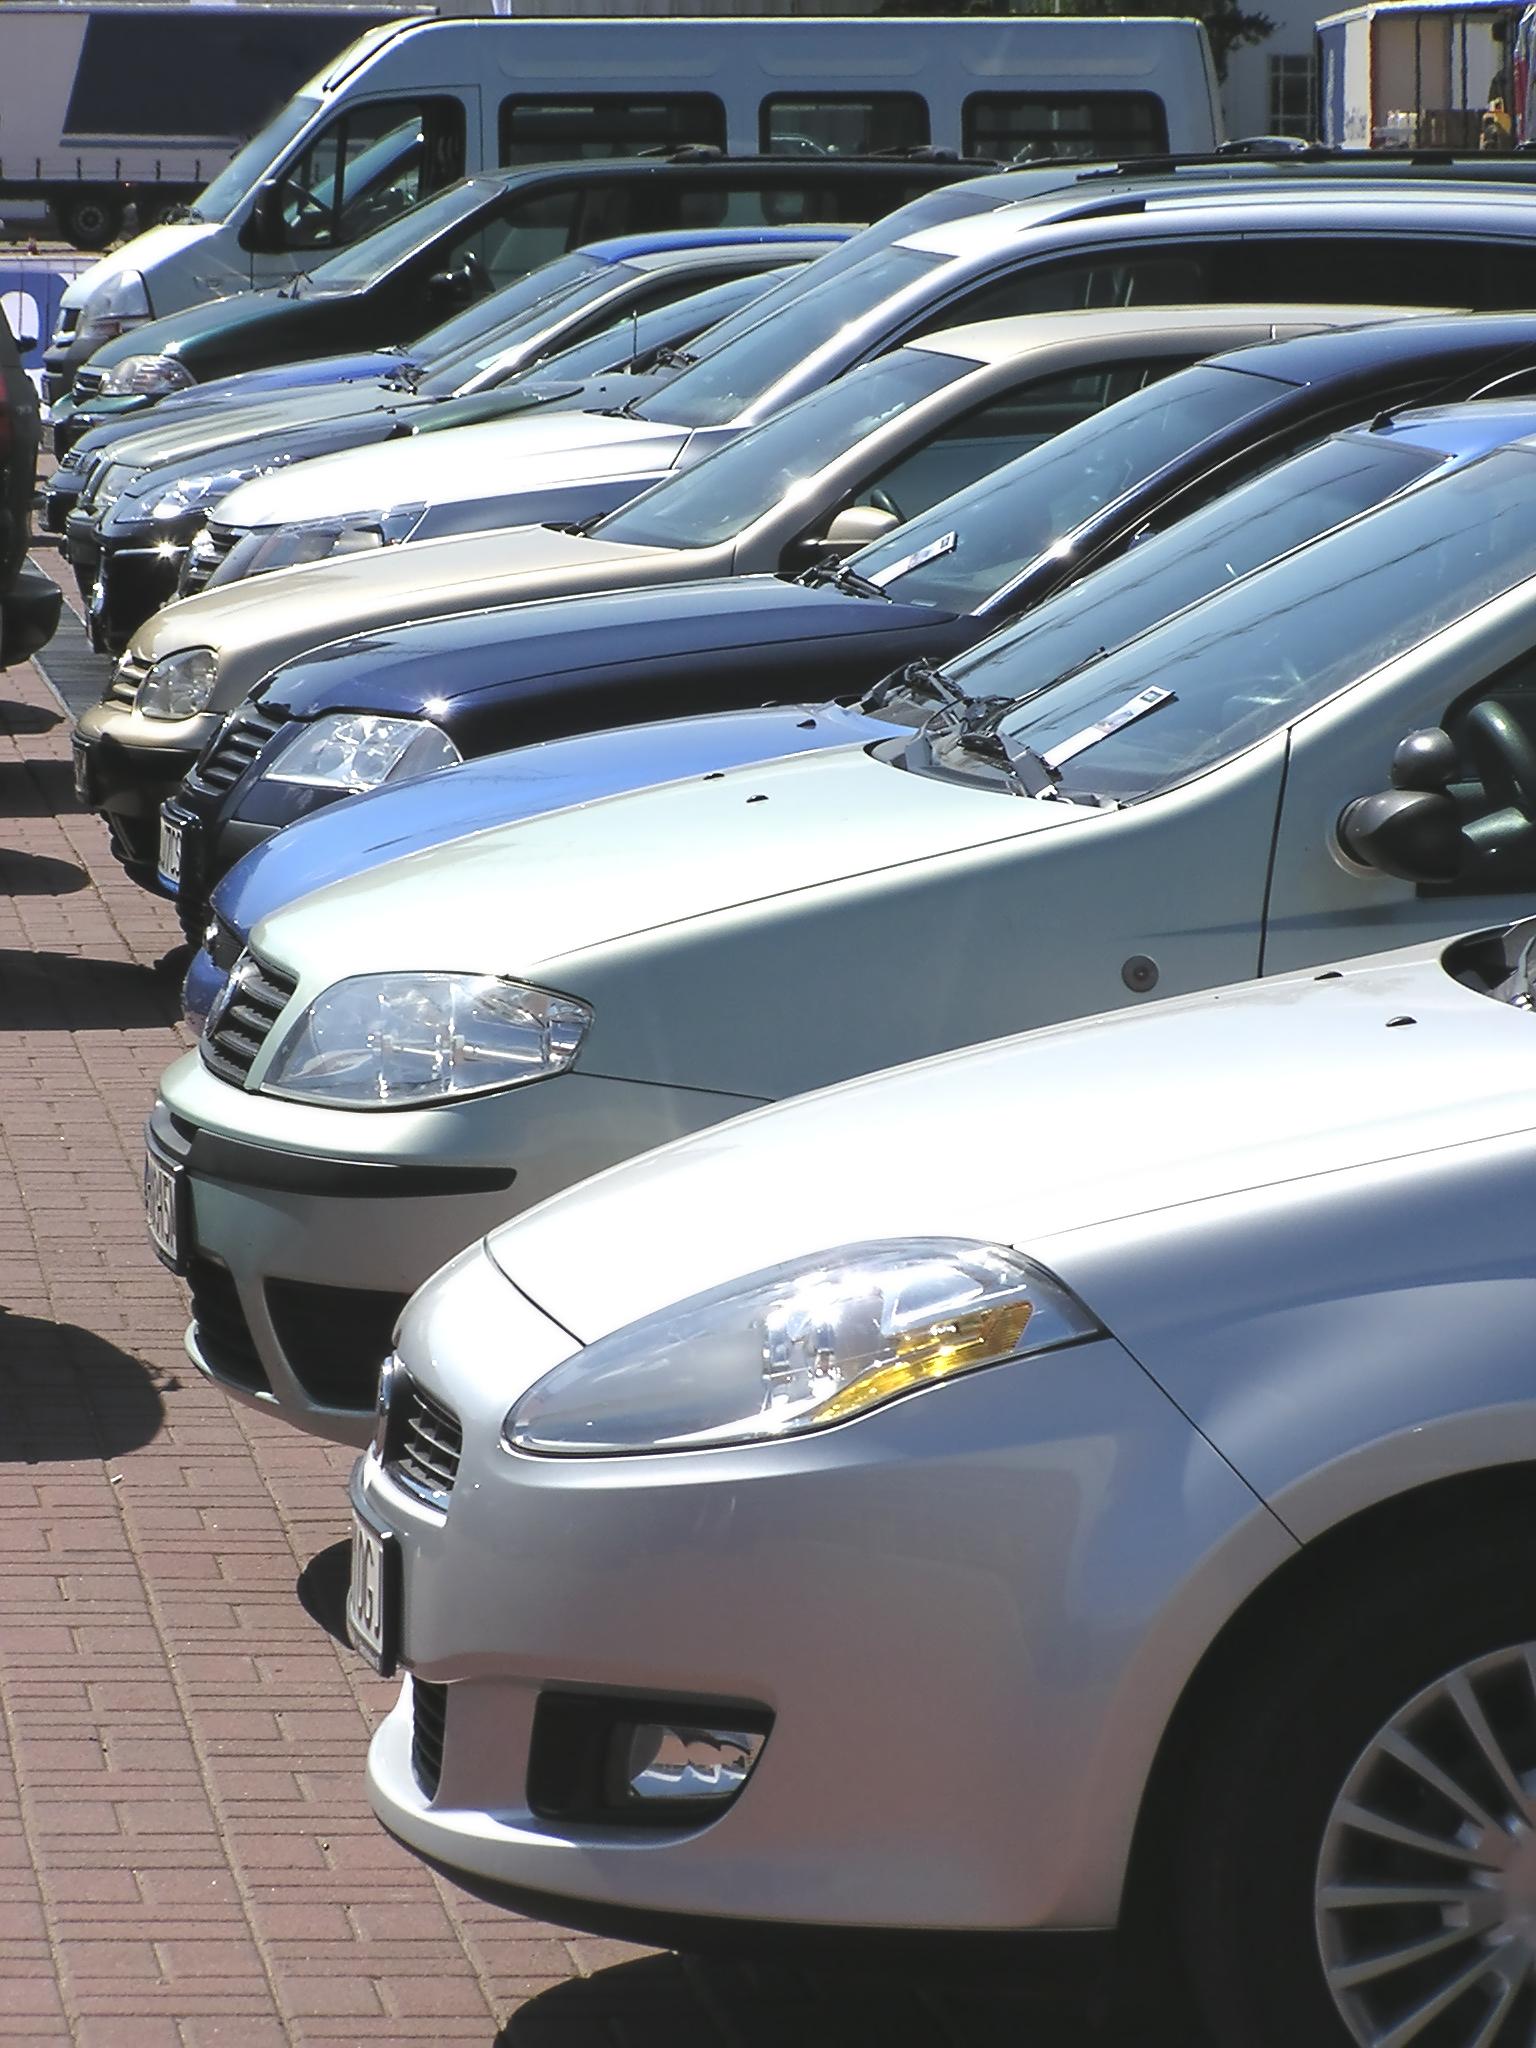 Magyar vagy külföldről behozott használt autót válasszunk?